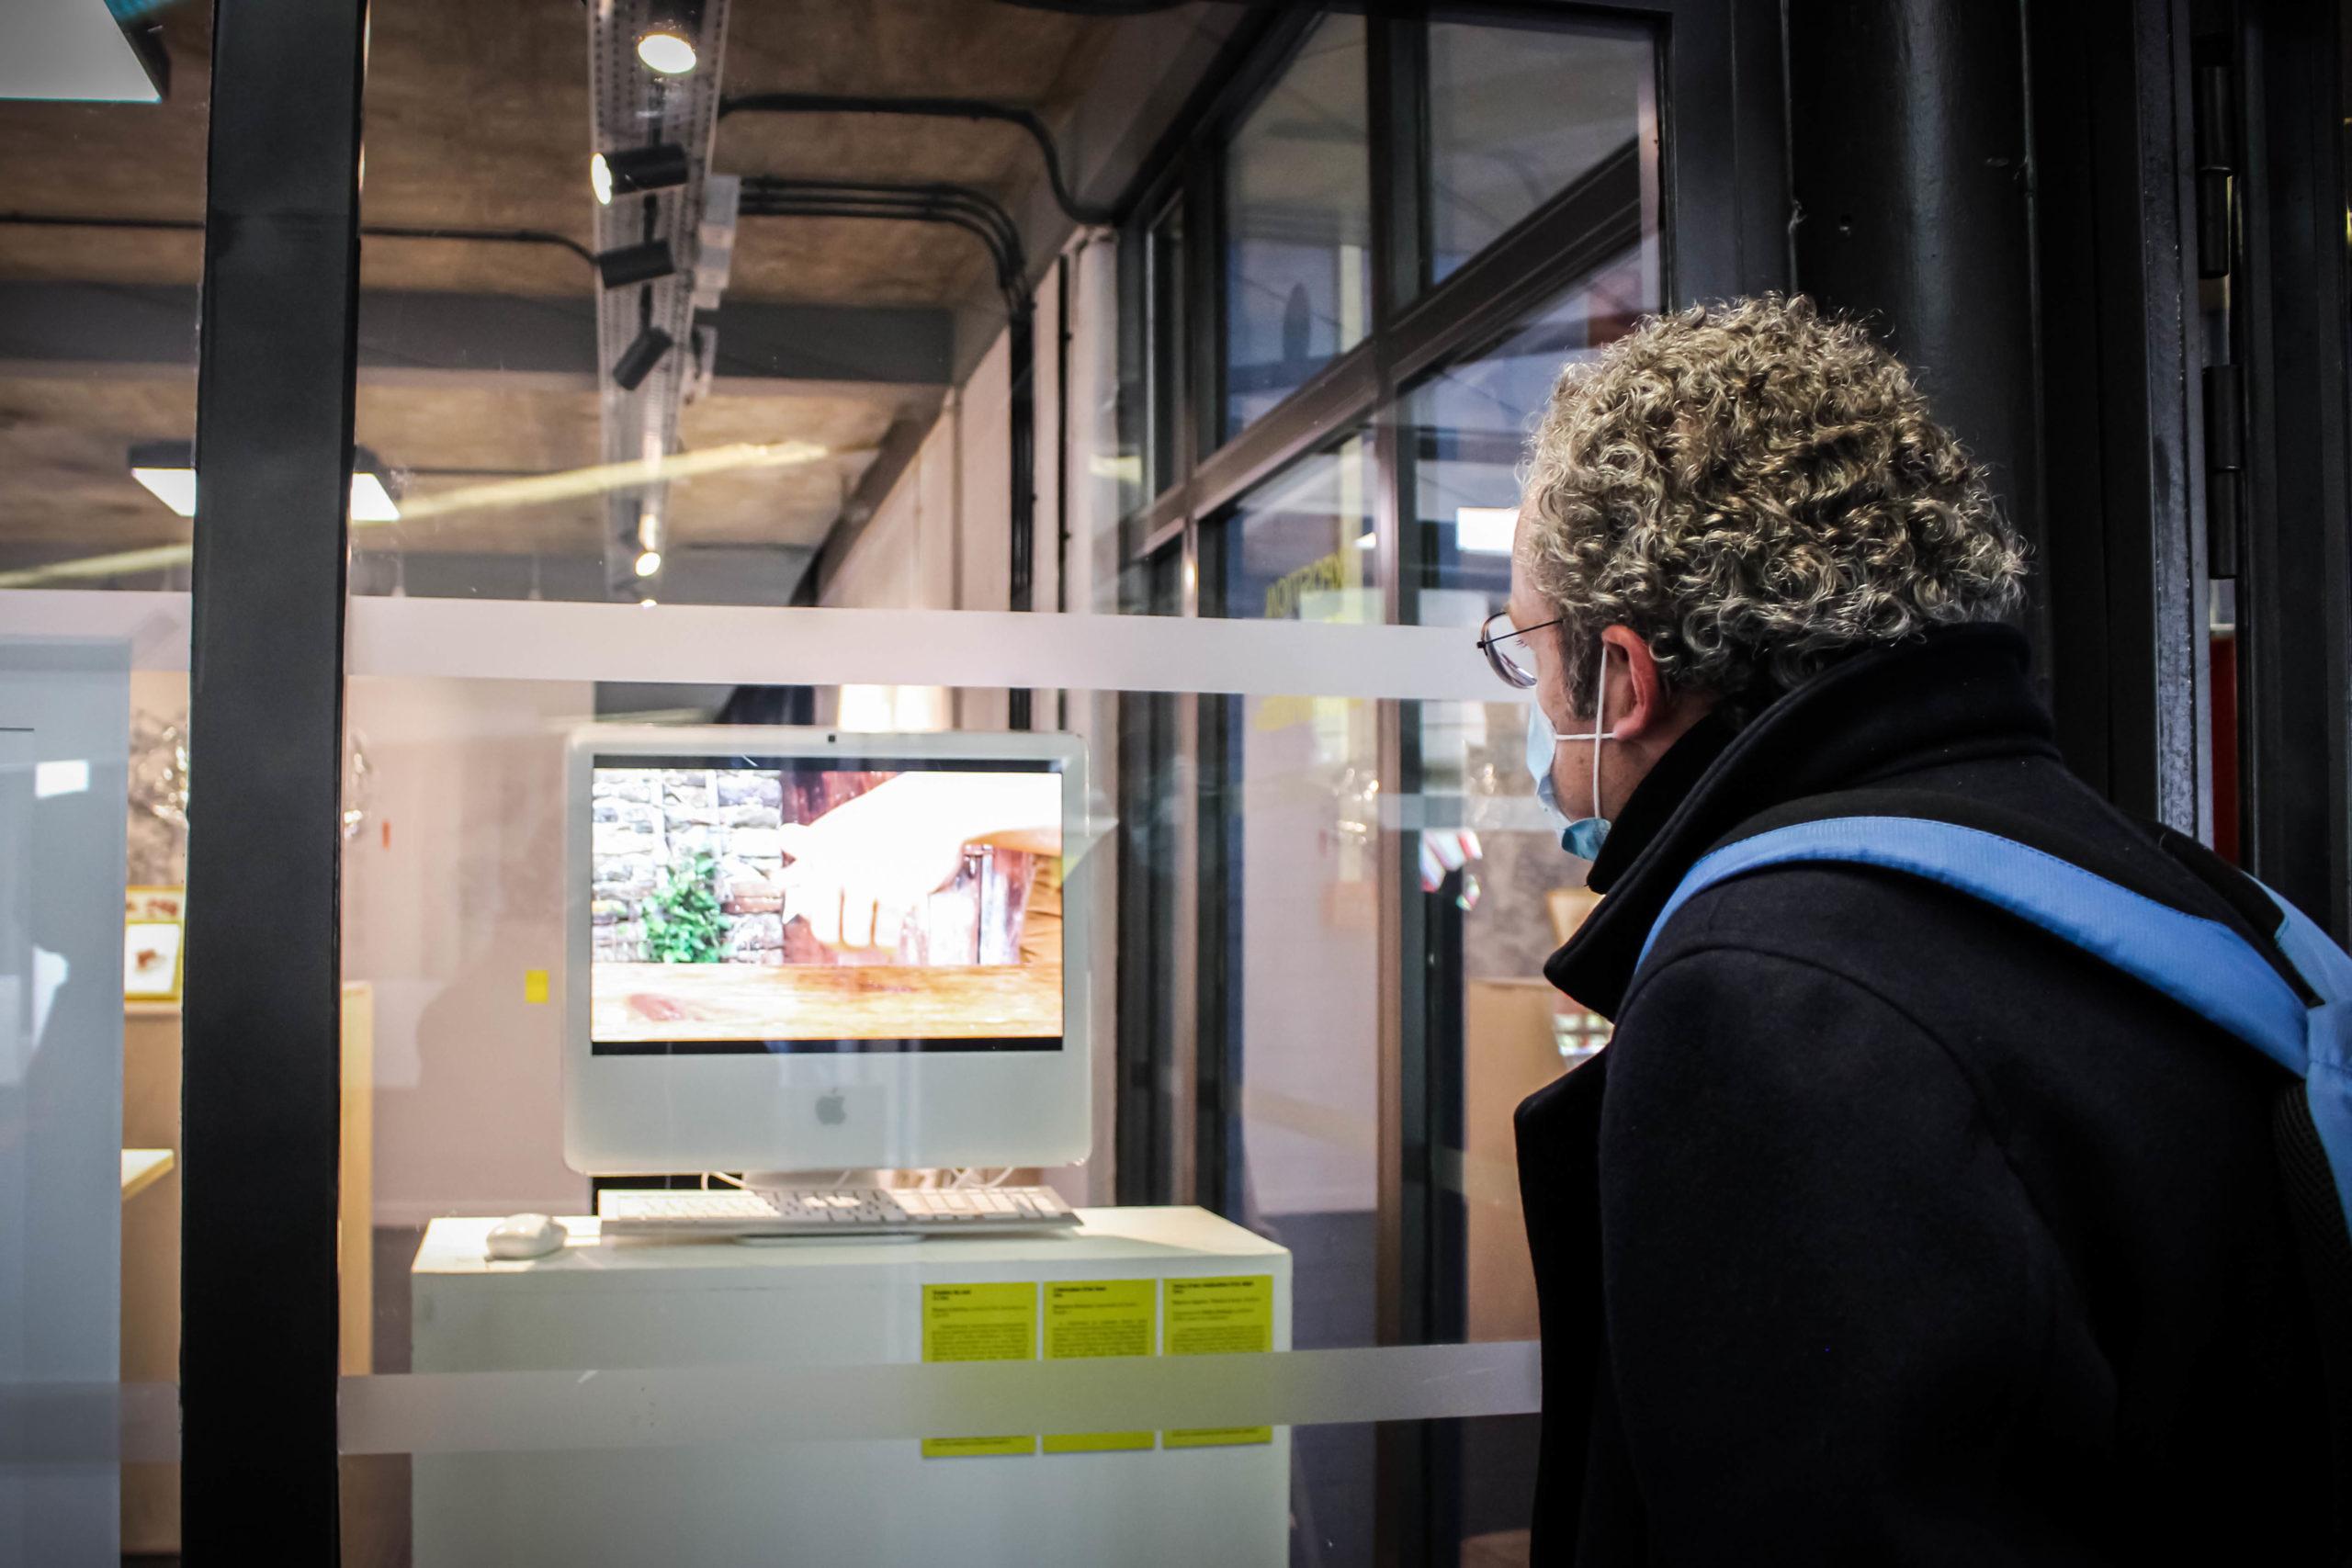 """Vidéos : """"Tombée du soir"""" - Rosane Lebreton, """"Fabrication d'un banc"""" - Sébastien Frémont, """"Tutos d'une réalisation d'un objet"""" - Baptiste Auguste & Thomas Levant - Exposition """"Souvenirs Déconfinés"""" ENSAPL"""